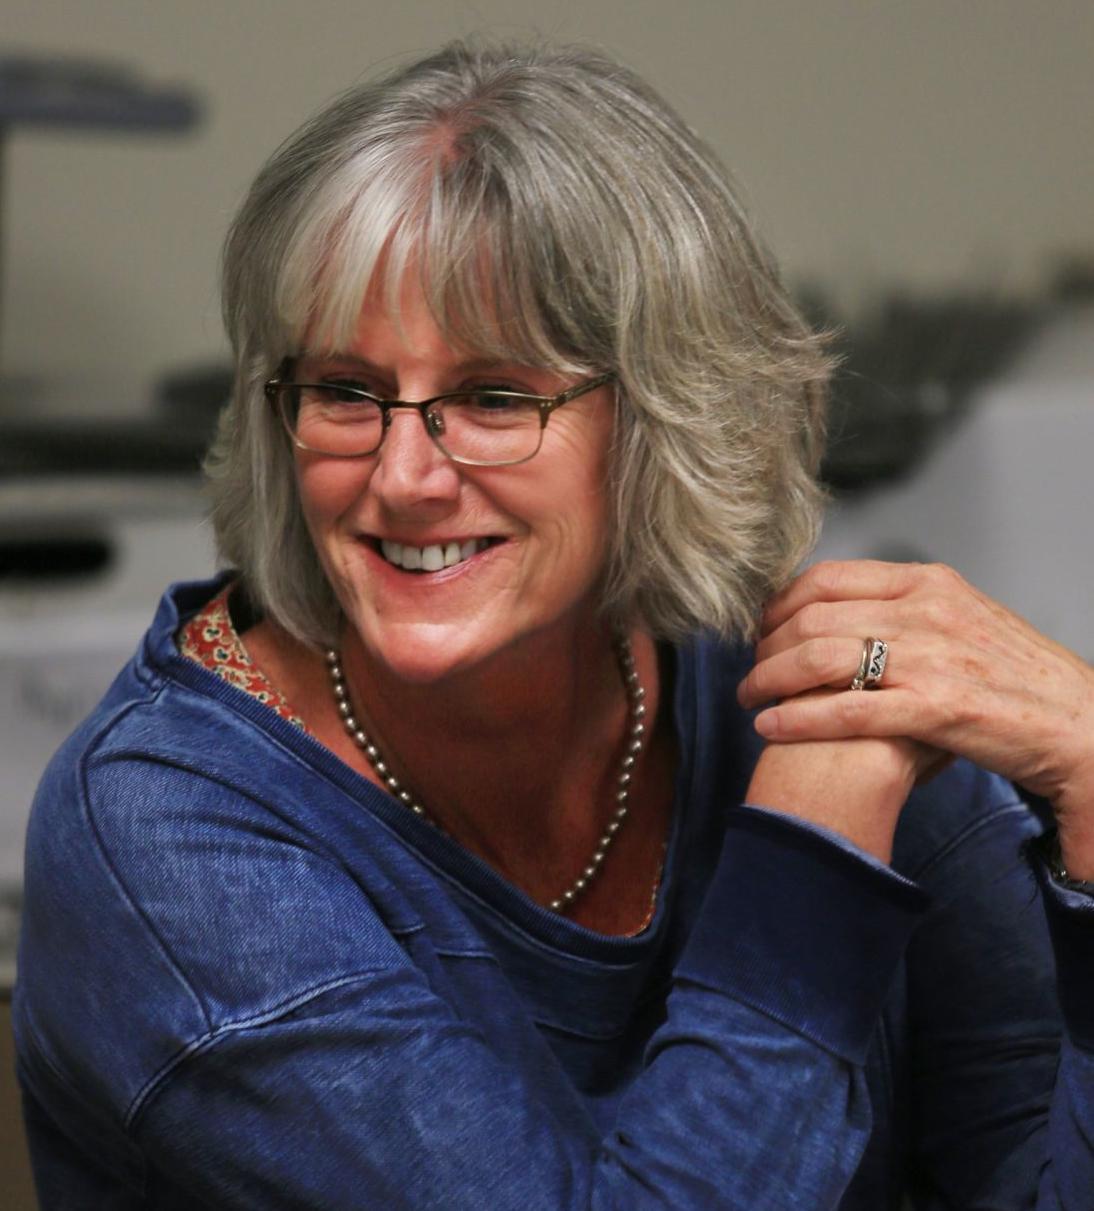 Robyn Driscoll